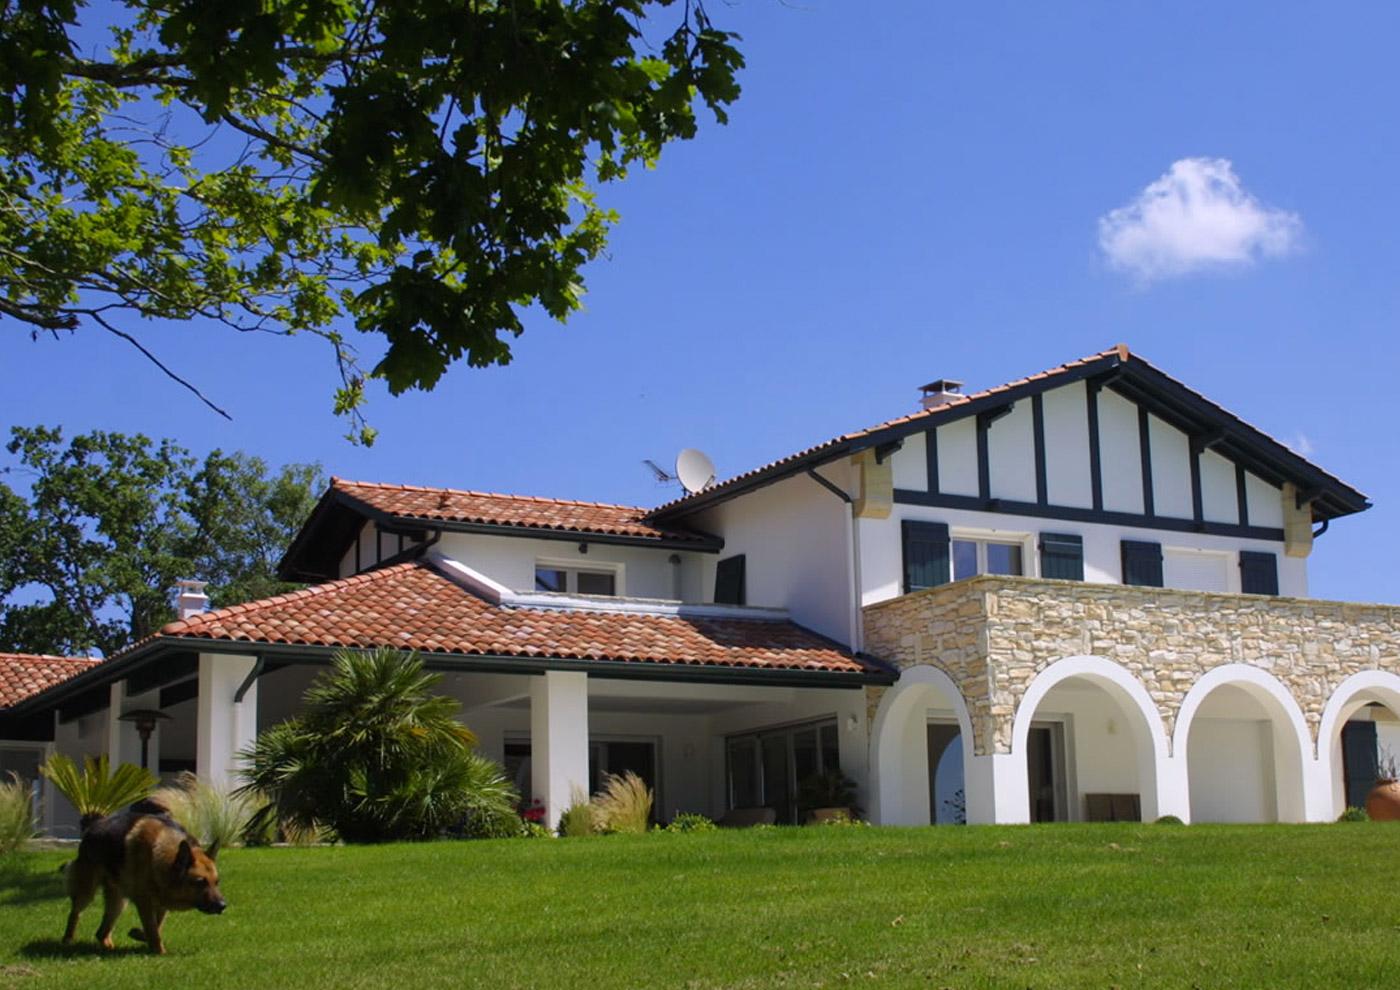 Alaman Architectes Maison Individuelle D Arcangues - Construction Pays Basque, architecture contemporaine